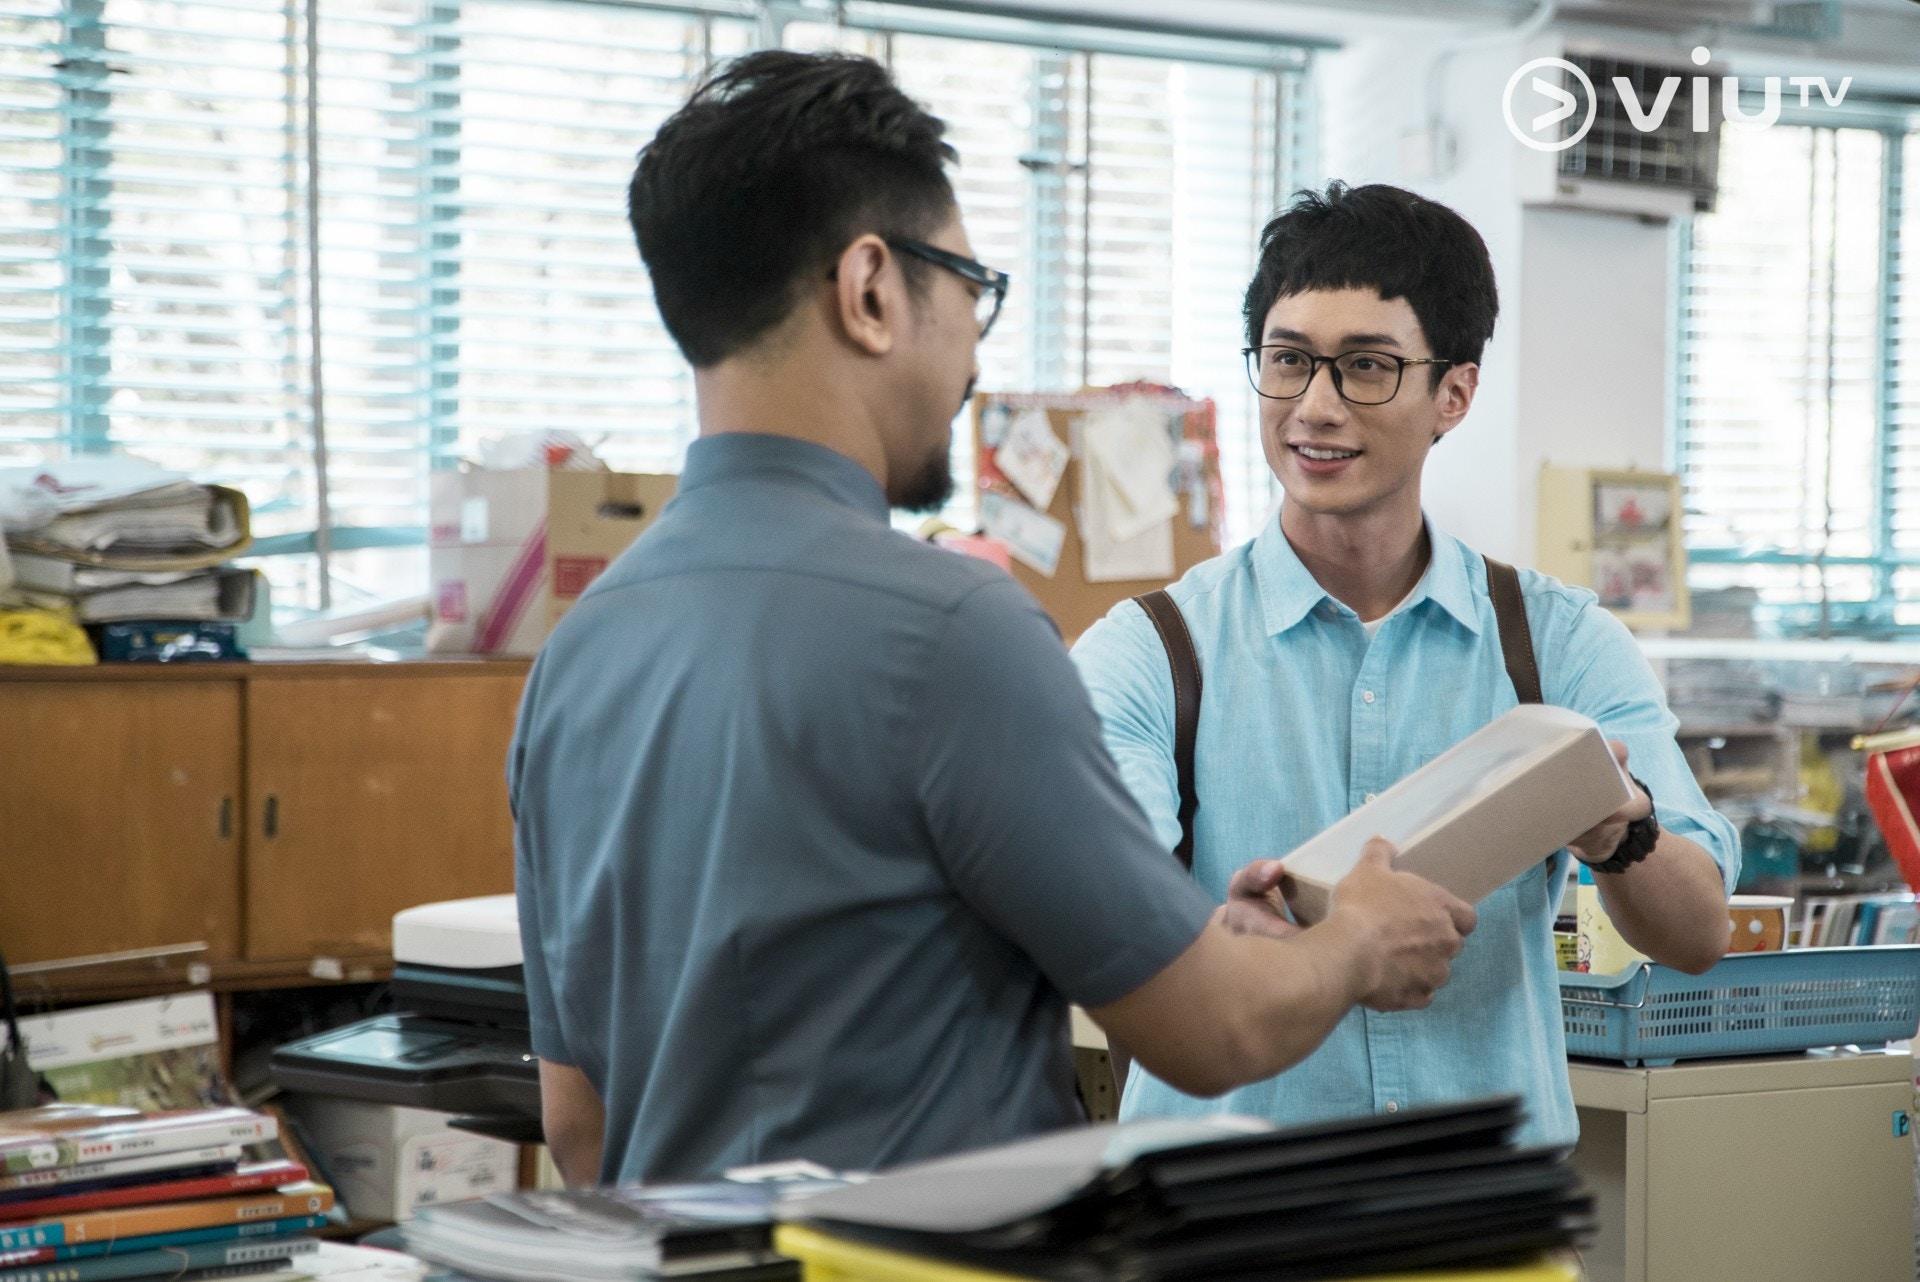 劉俊謙飾演合約老師「盧Sir」,為爭取續約不惜忍氣吞聲。